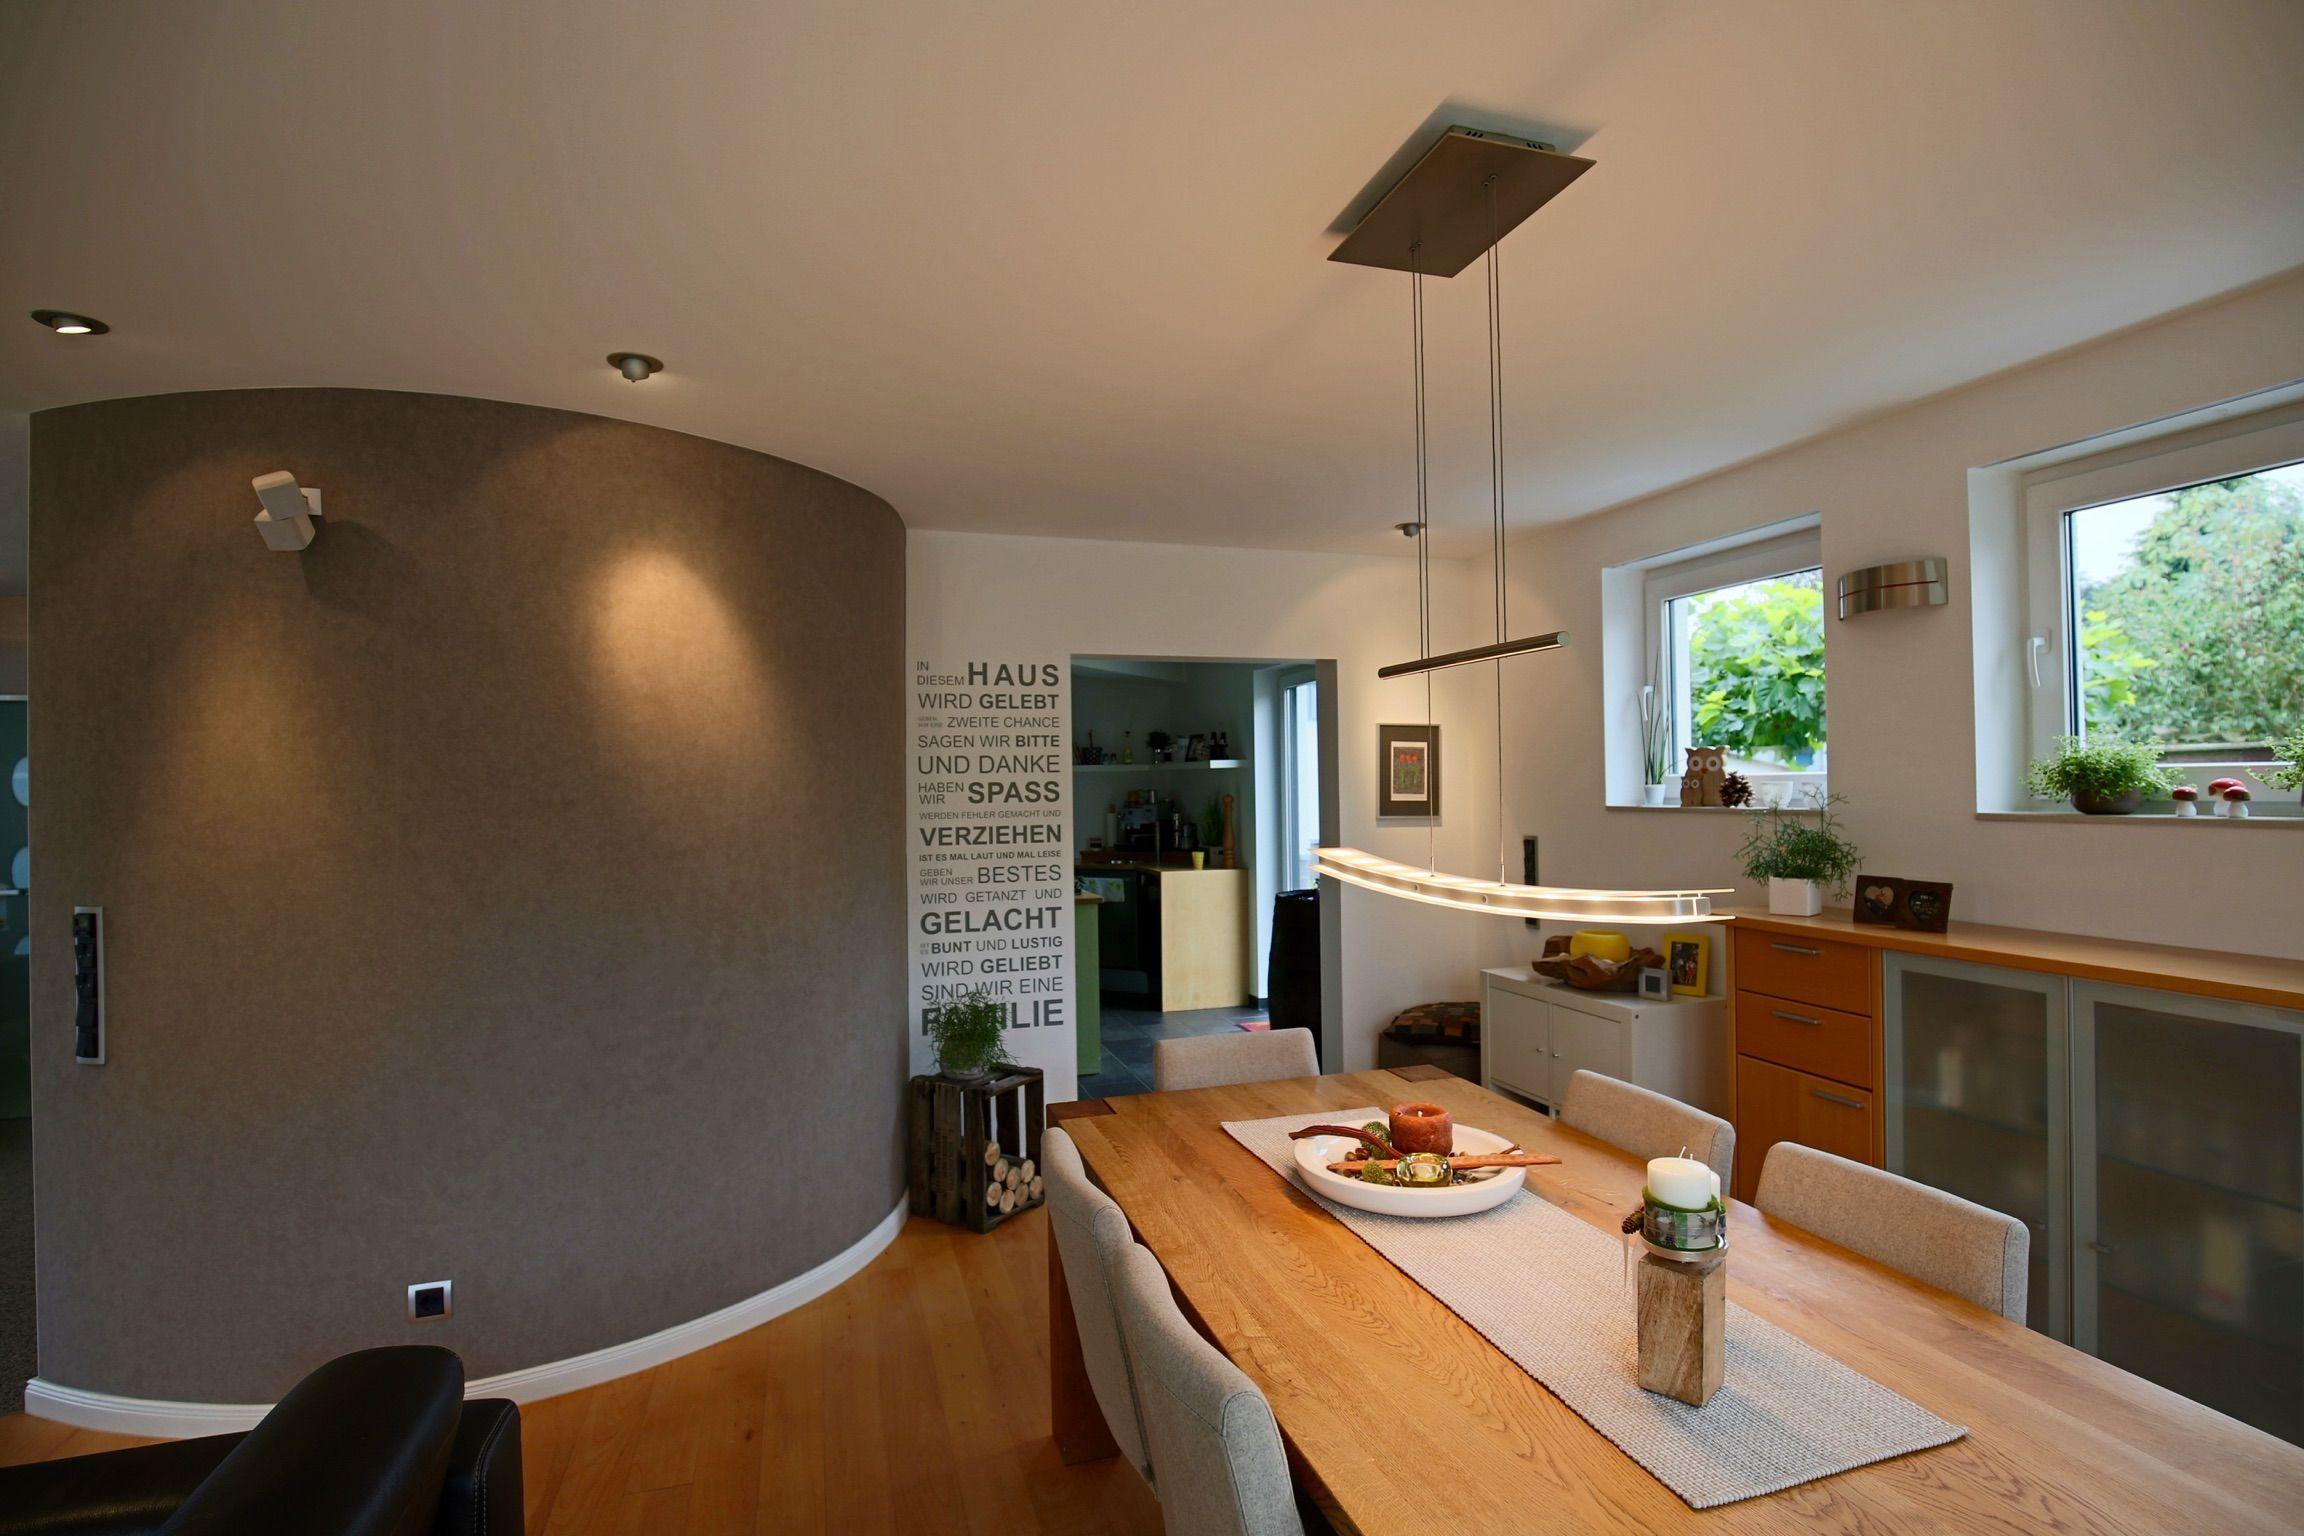 Wohn und Esszimmer mit Designwandbelag Tapete von Omexco